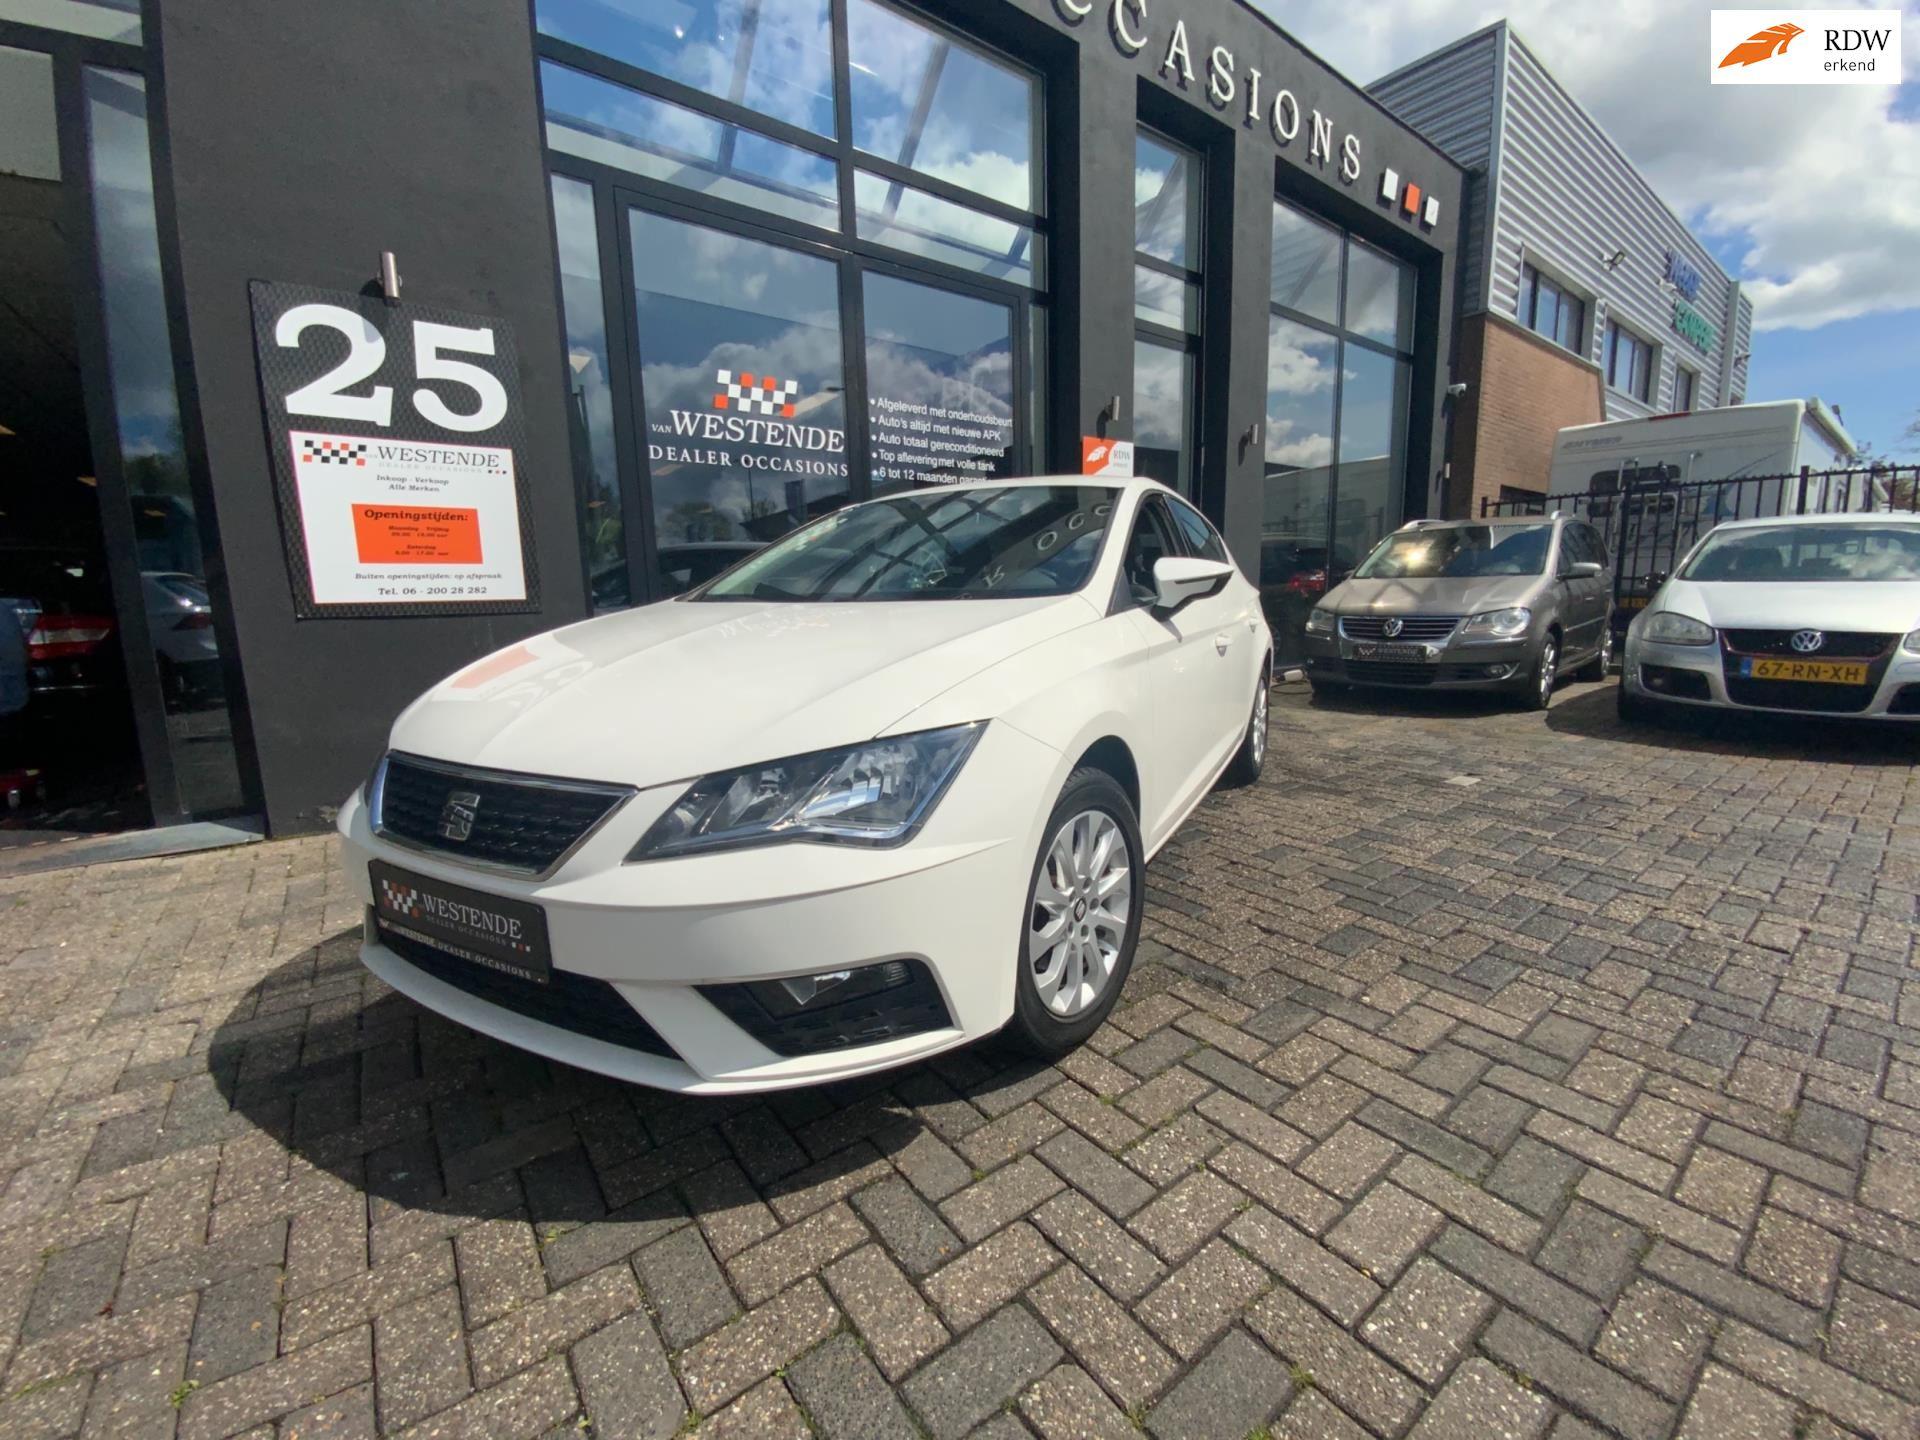 Seat Leon occasion - Van Westende Dealeroccasions